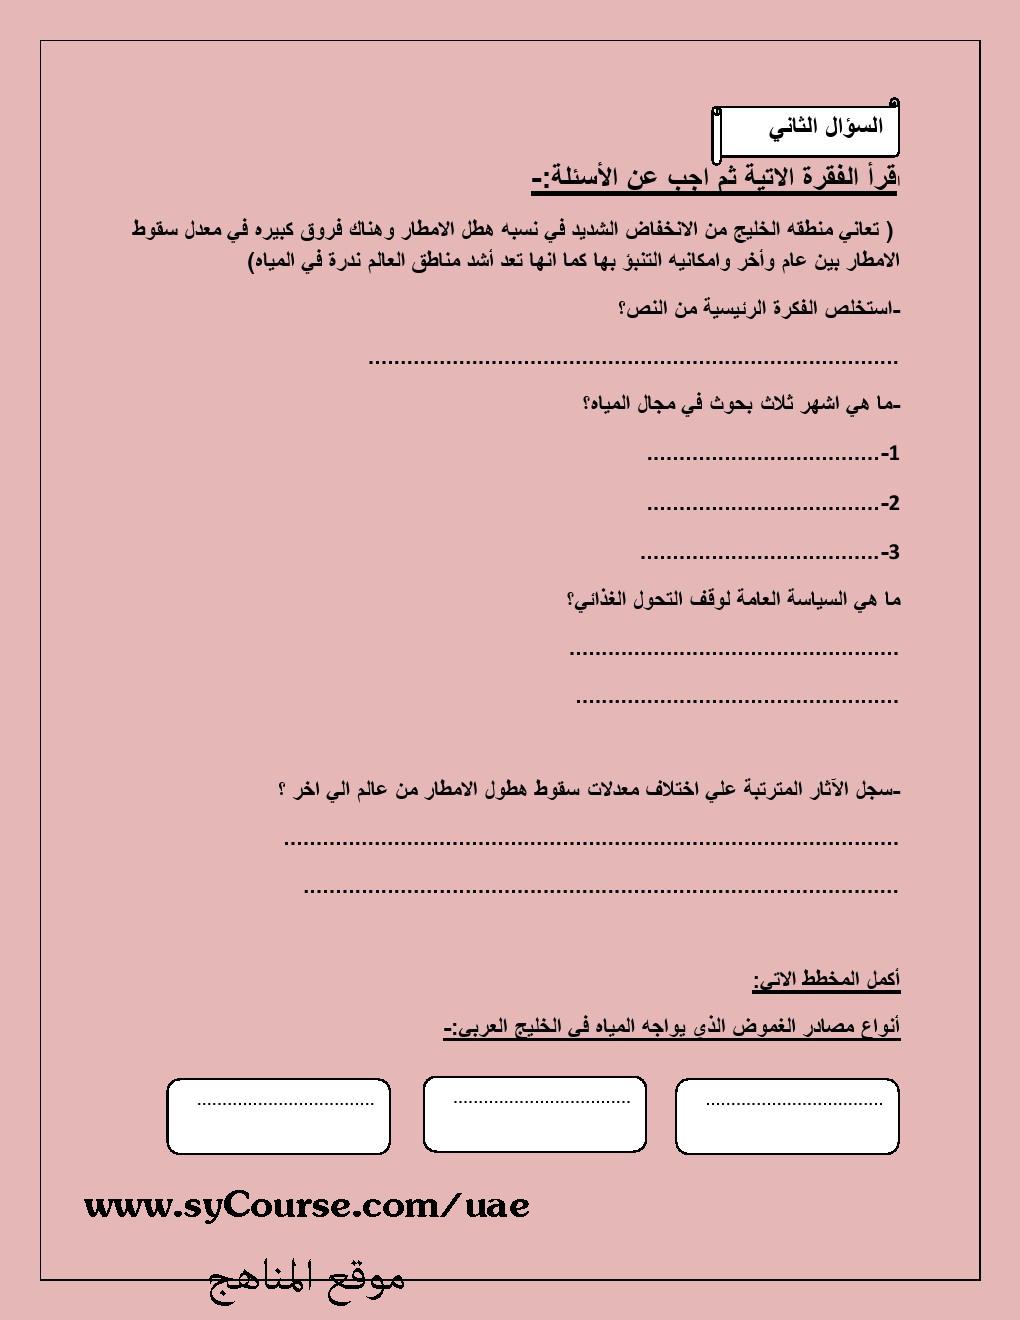 حل كتاب اللغة العربية المستوى الثالث